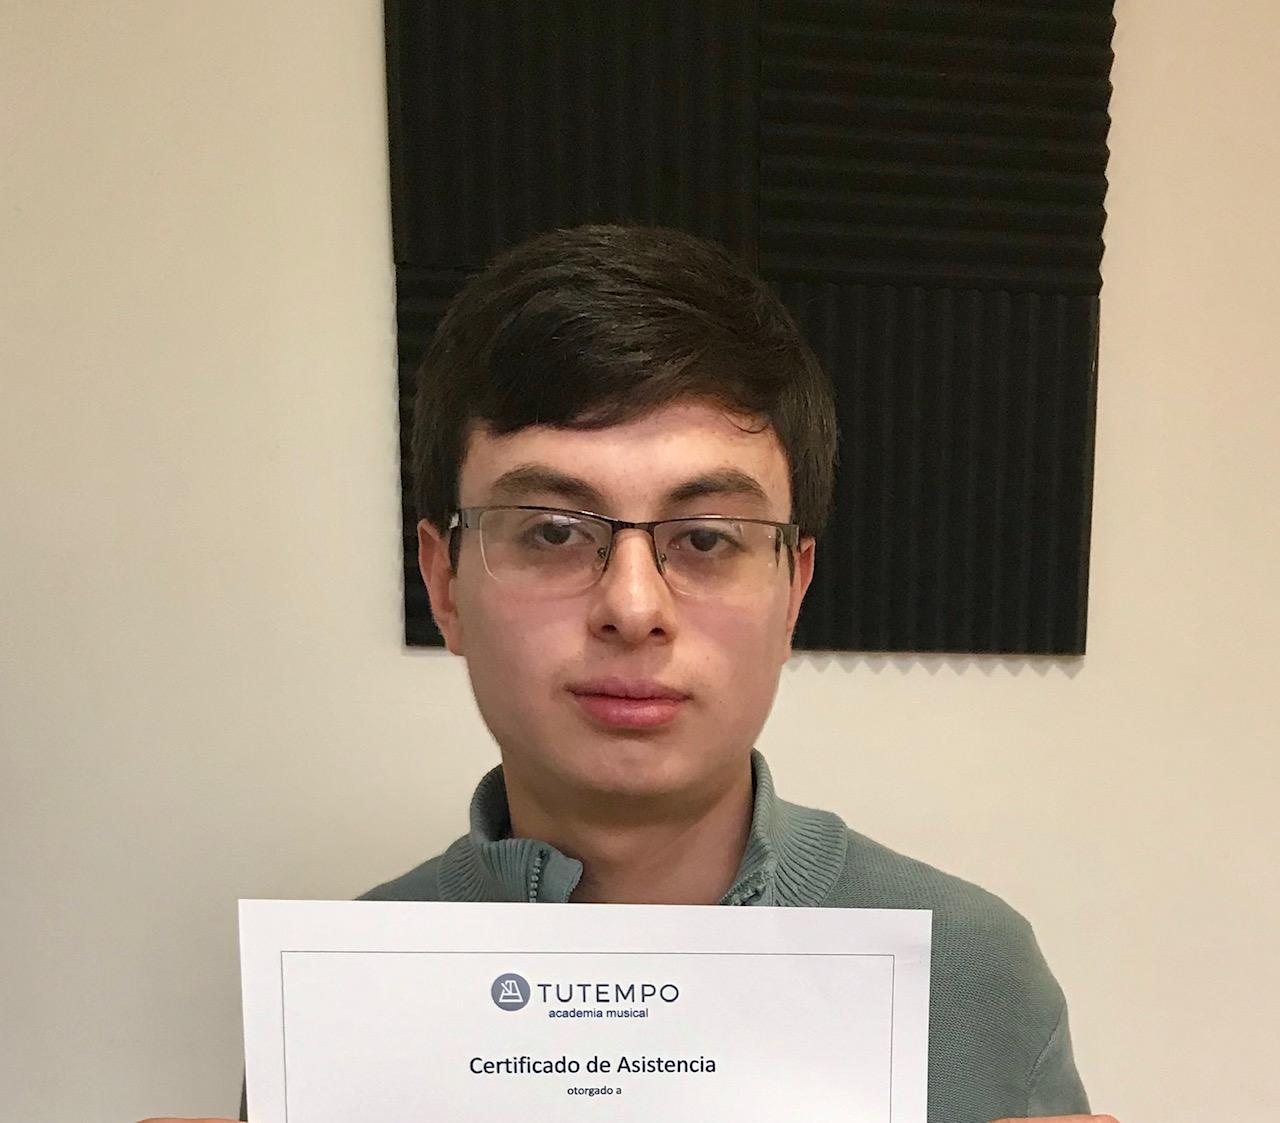 Juan Sebastián, estudiante de piano, obteniendo certificado en TUTEMPO academia musical